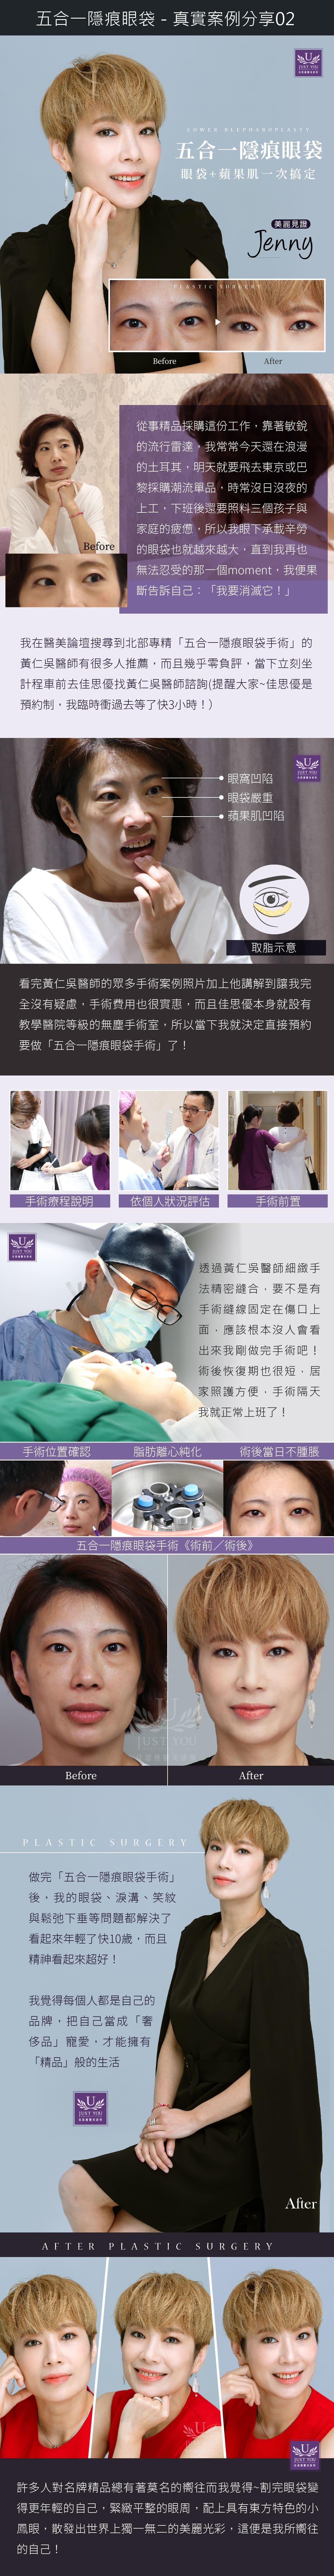 佳思優-眼袋手術實際案例分享